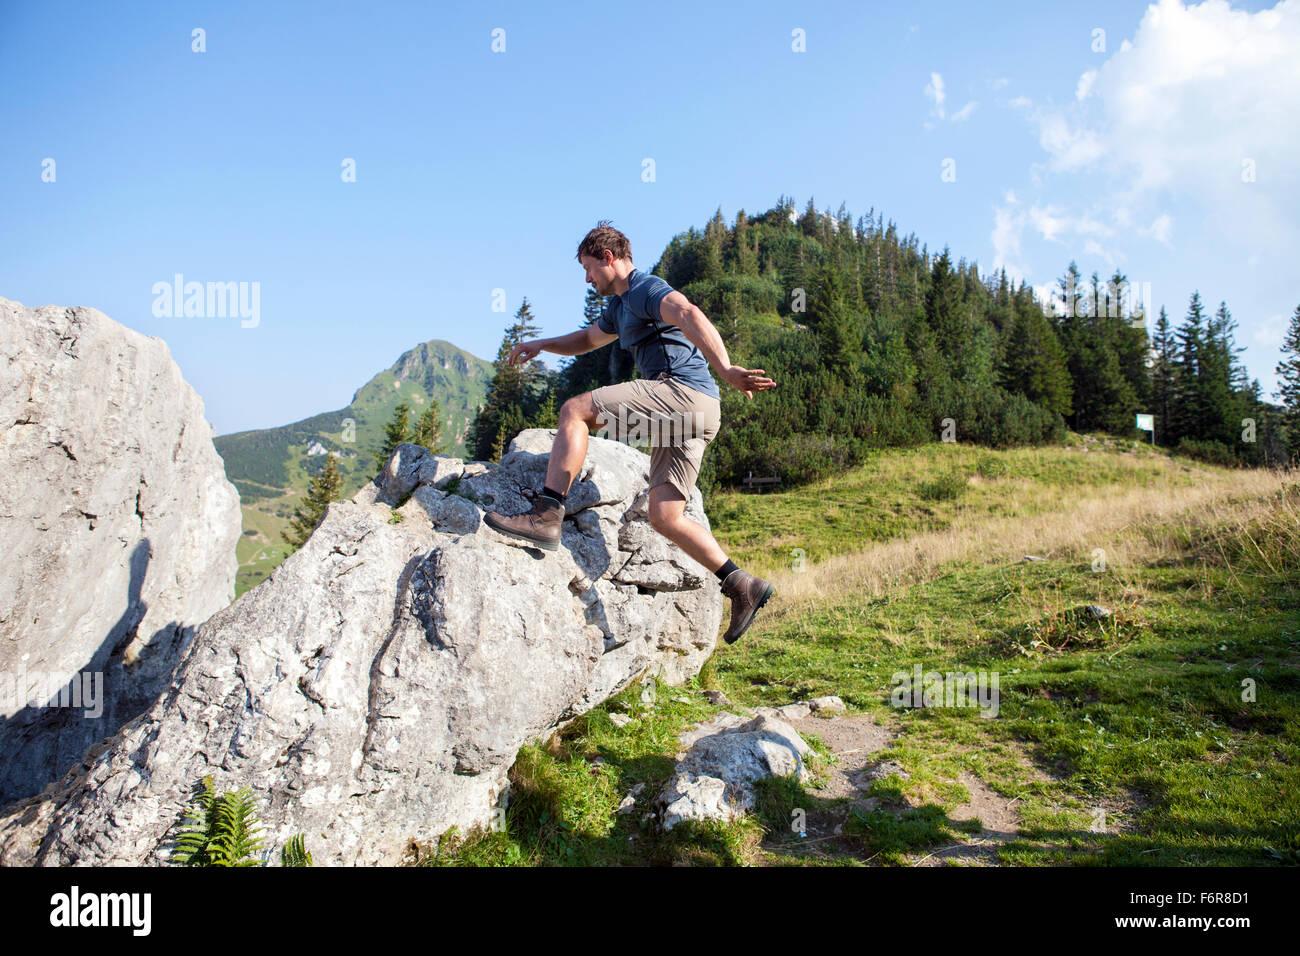 Jeune homme randonnées dans paysage de montagnes Photo Stock